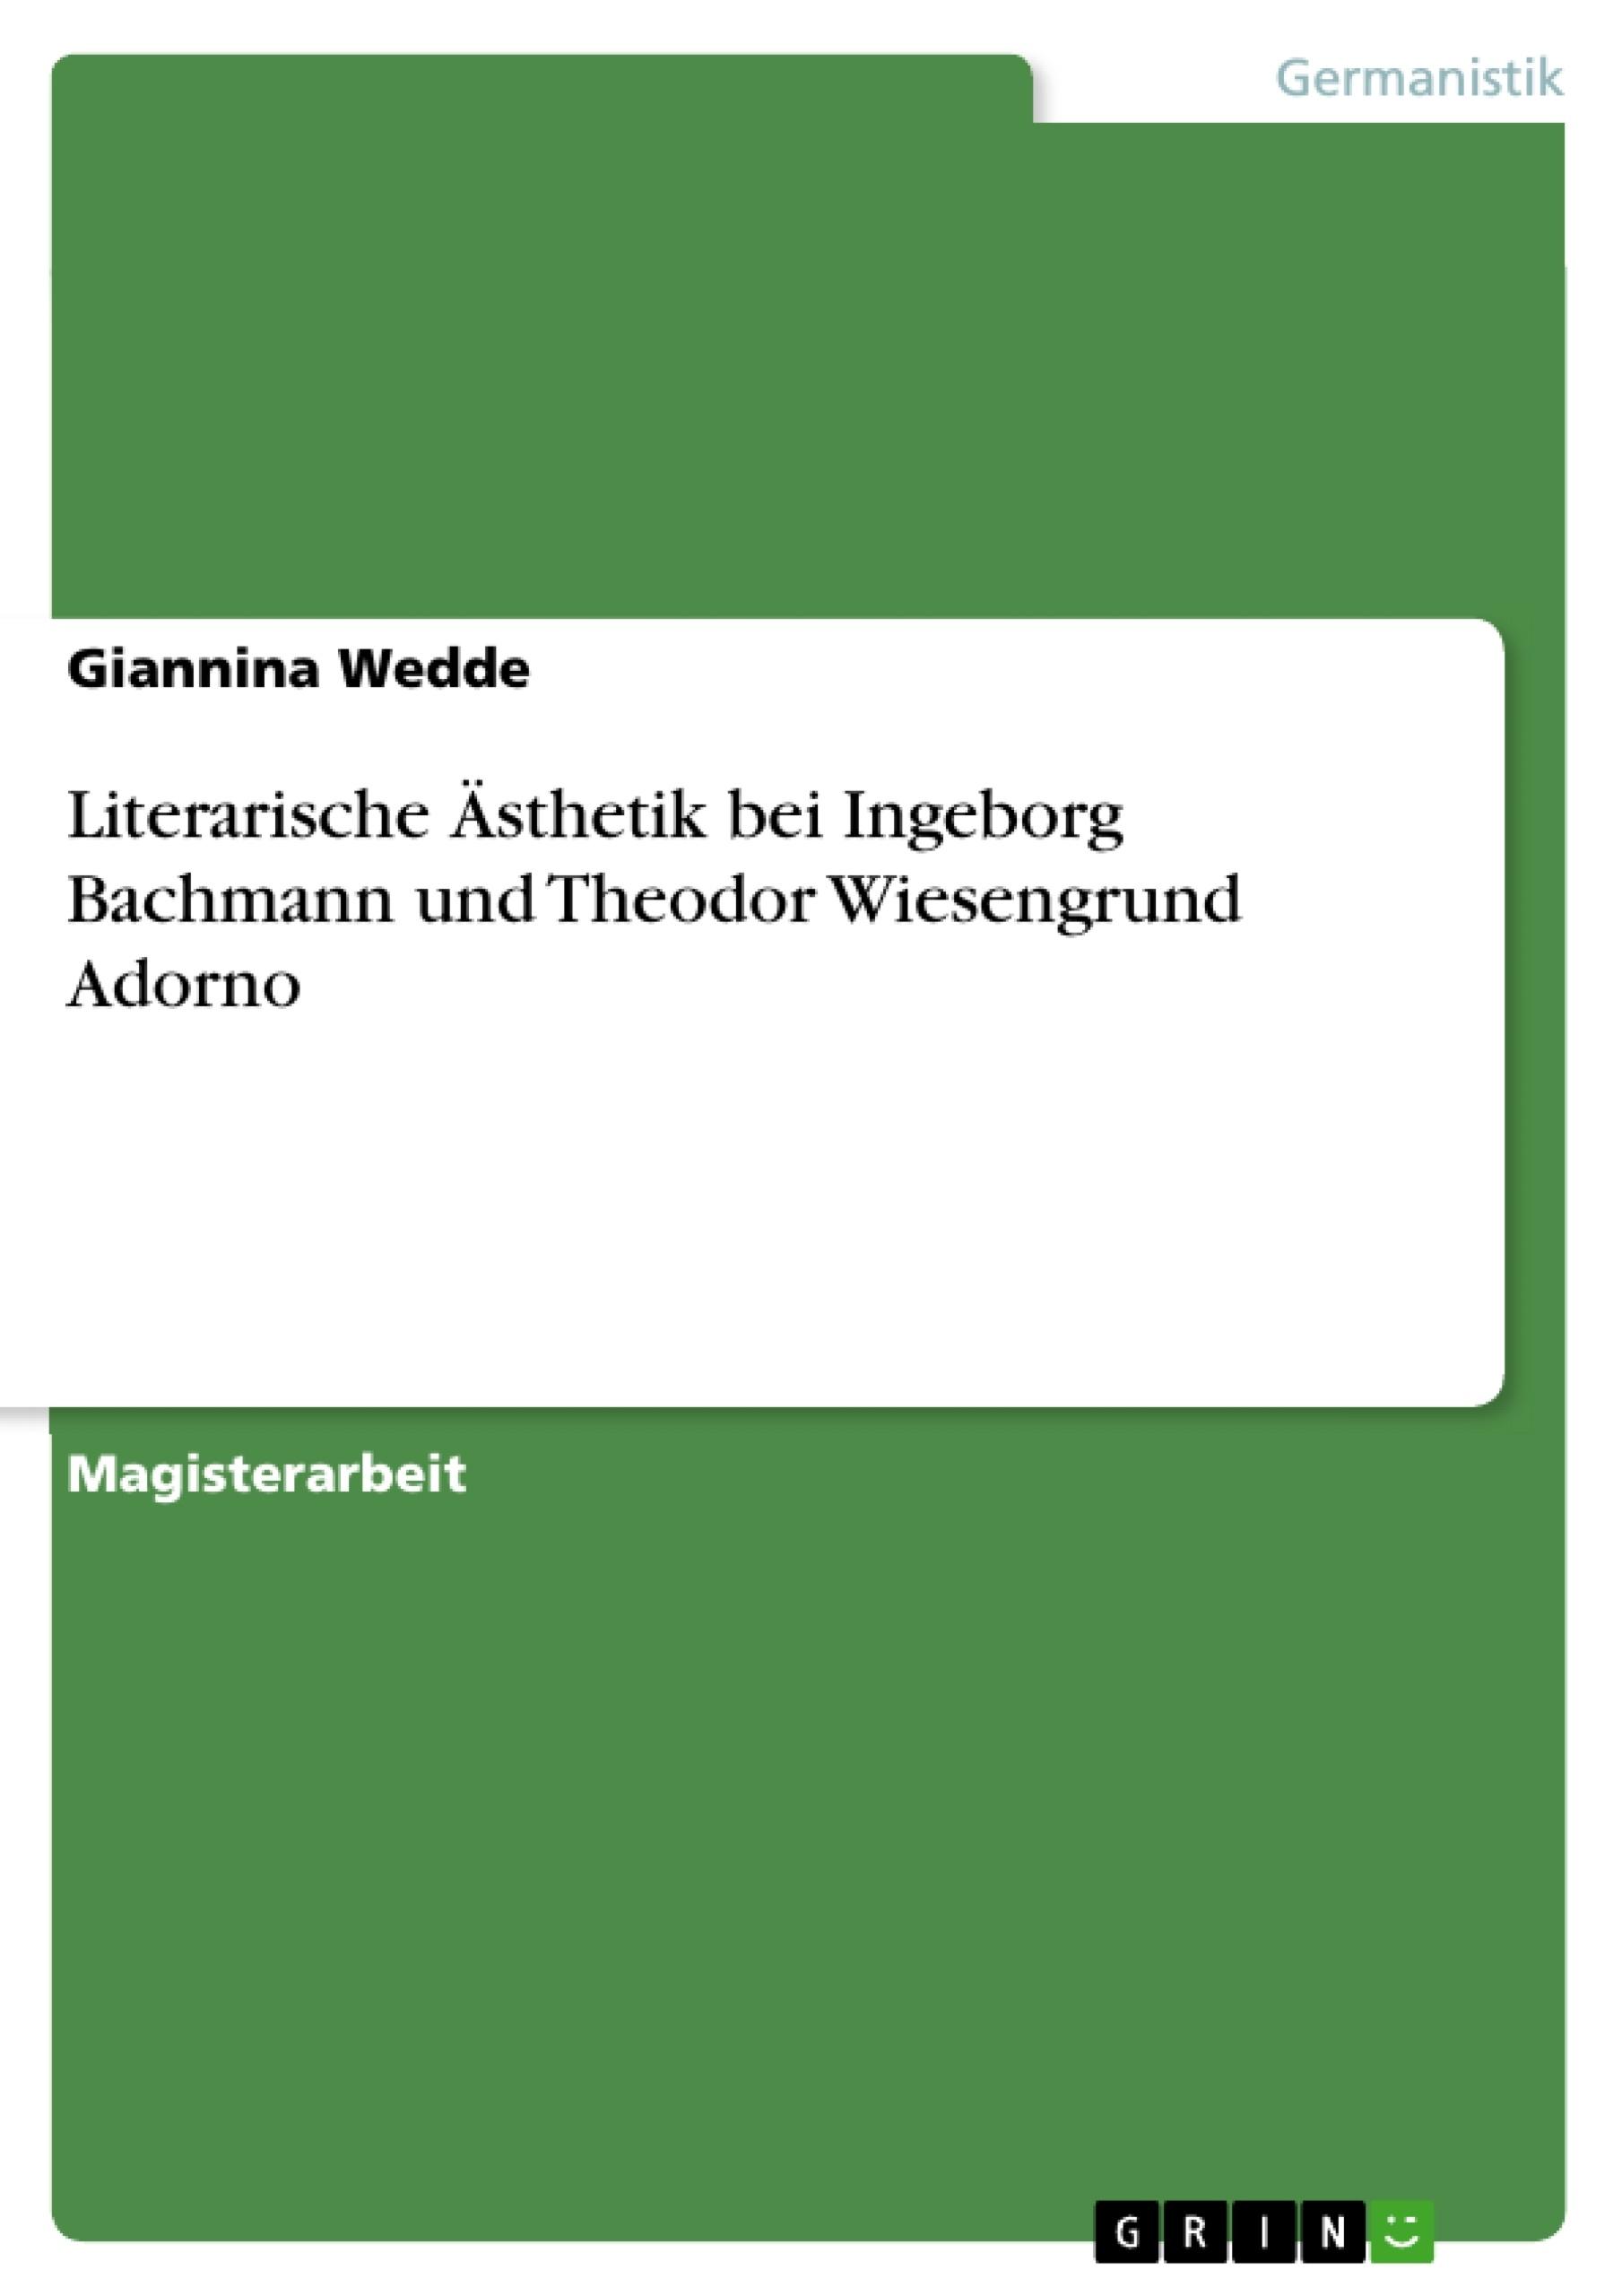 Titel: Literarische Ästhetik bei Ingeborg Bachmann und Theodor Wiesengrund Adorno